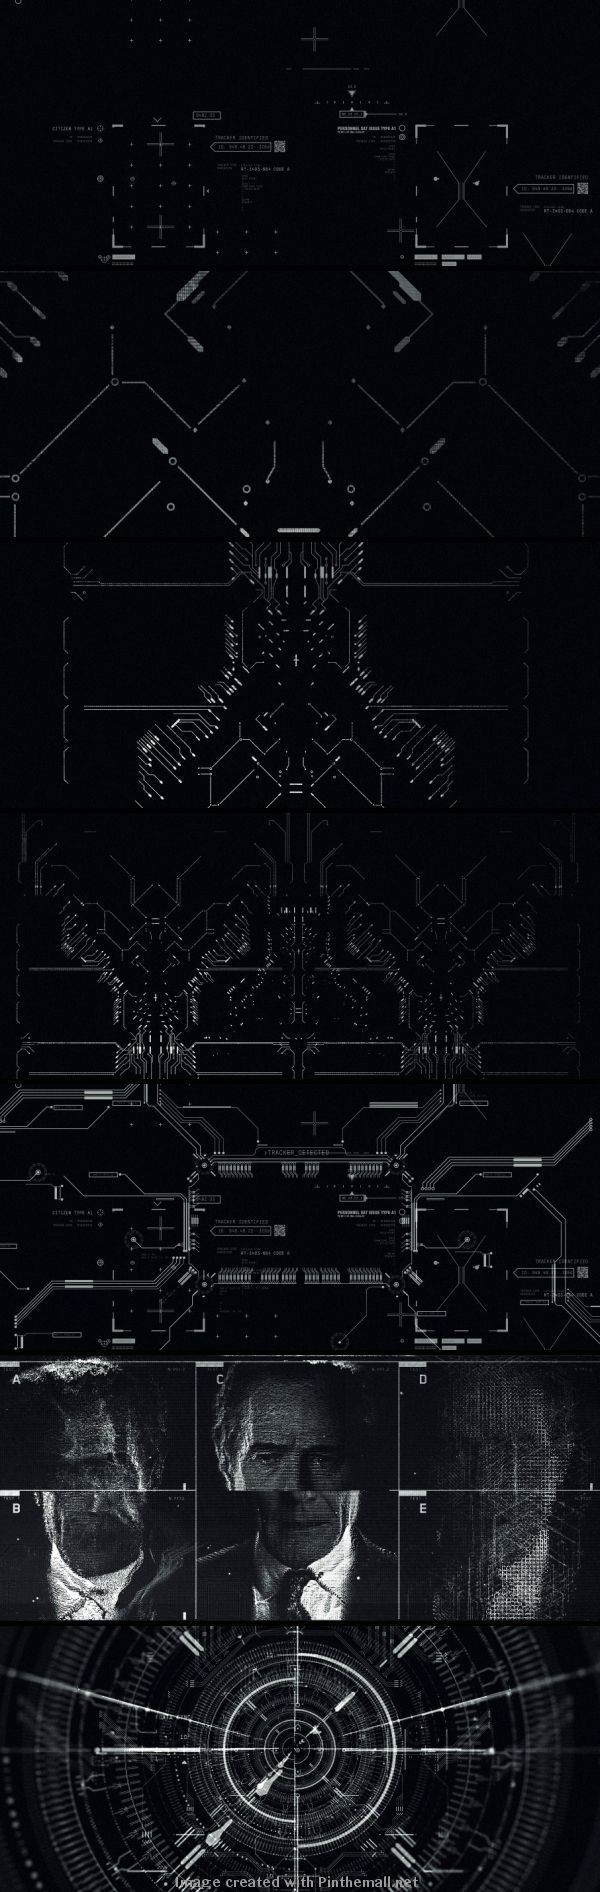 0d49e40efa4b68b4bc83ac74b824a550.jpg 600×1,892 pixels